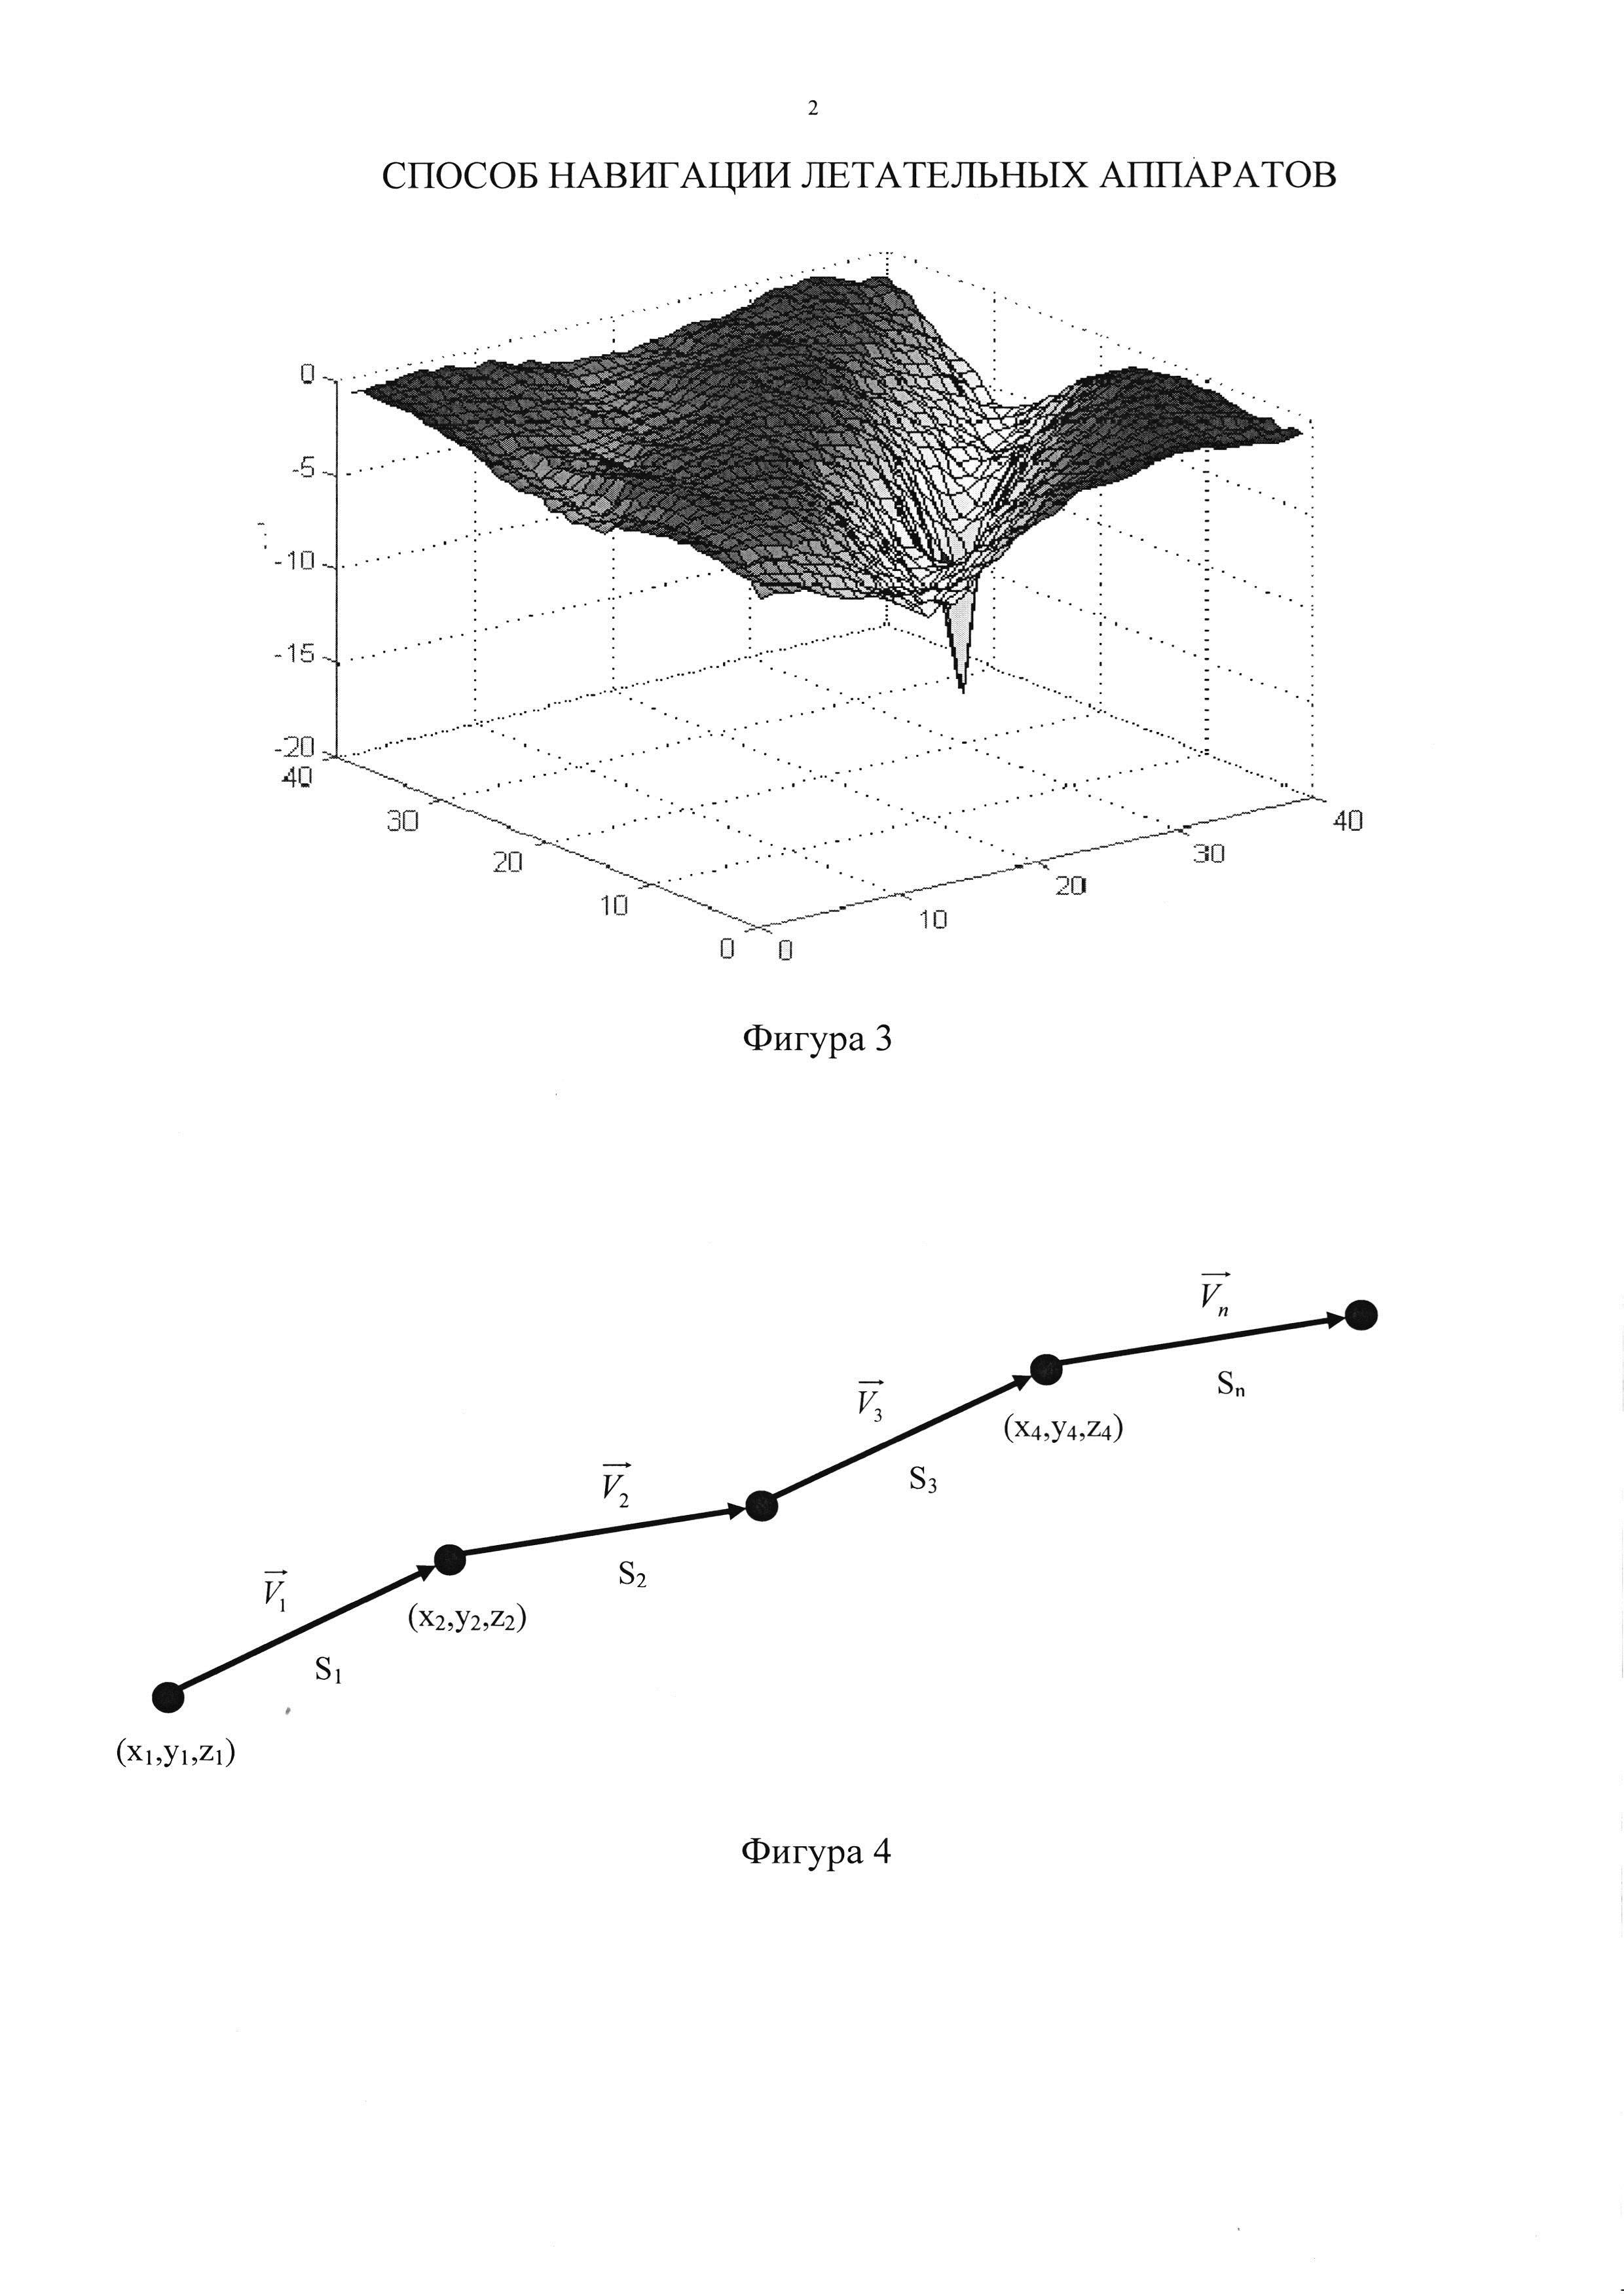 Способ навигации летательных аппаратов